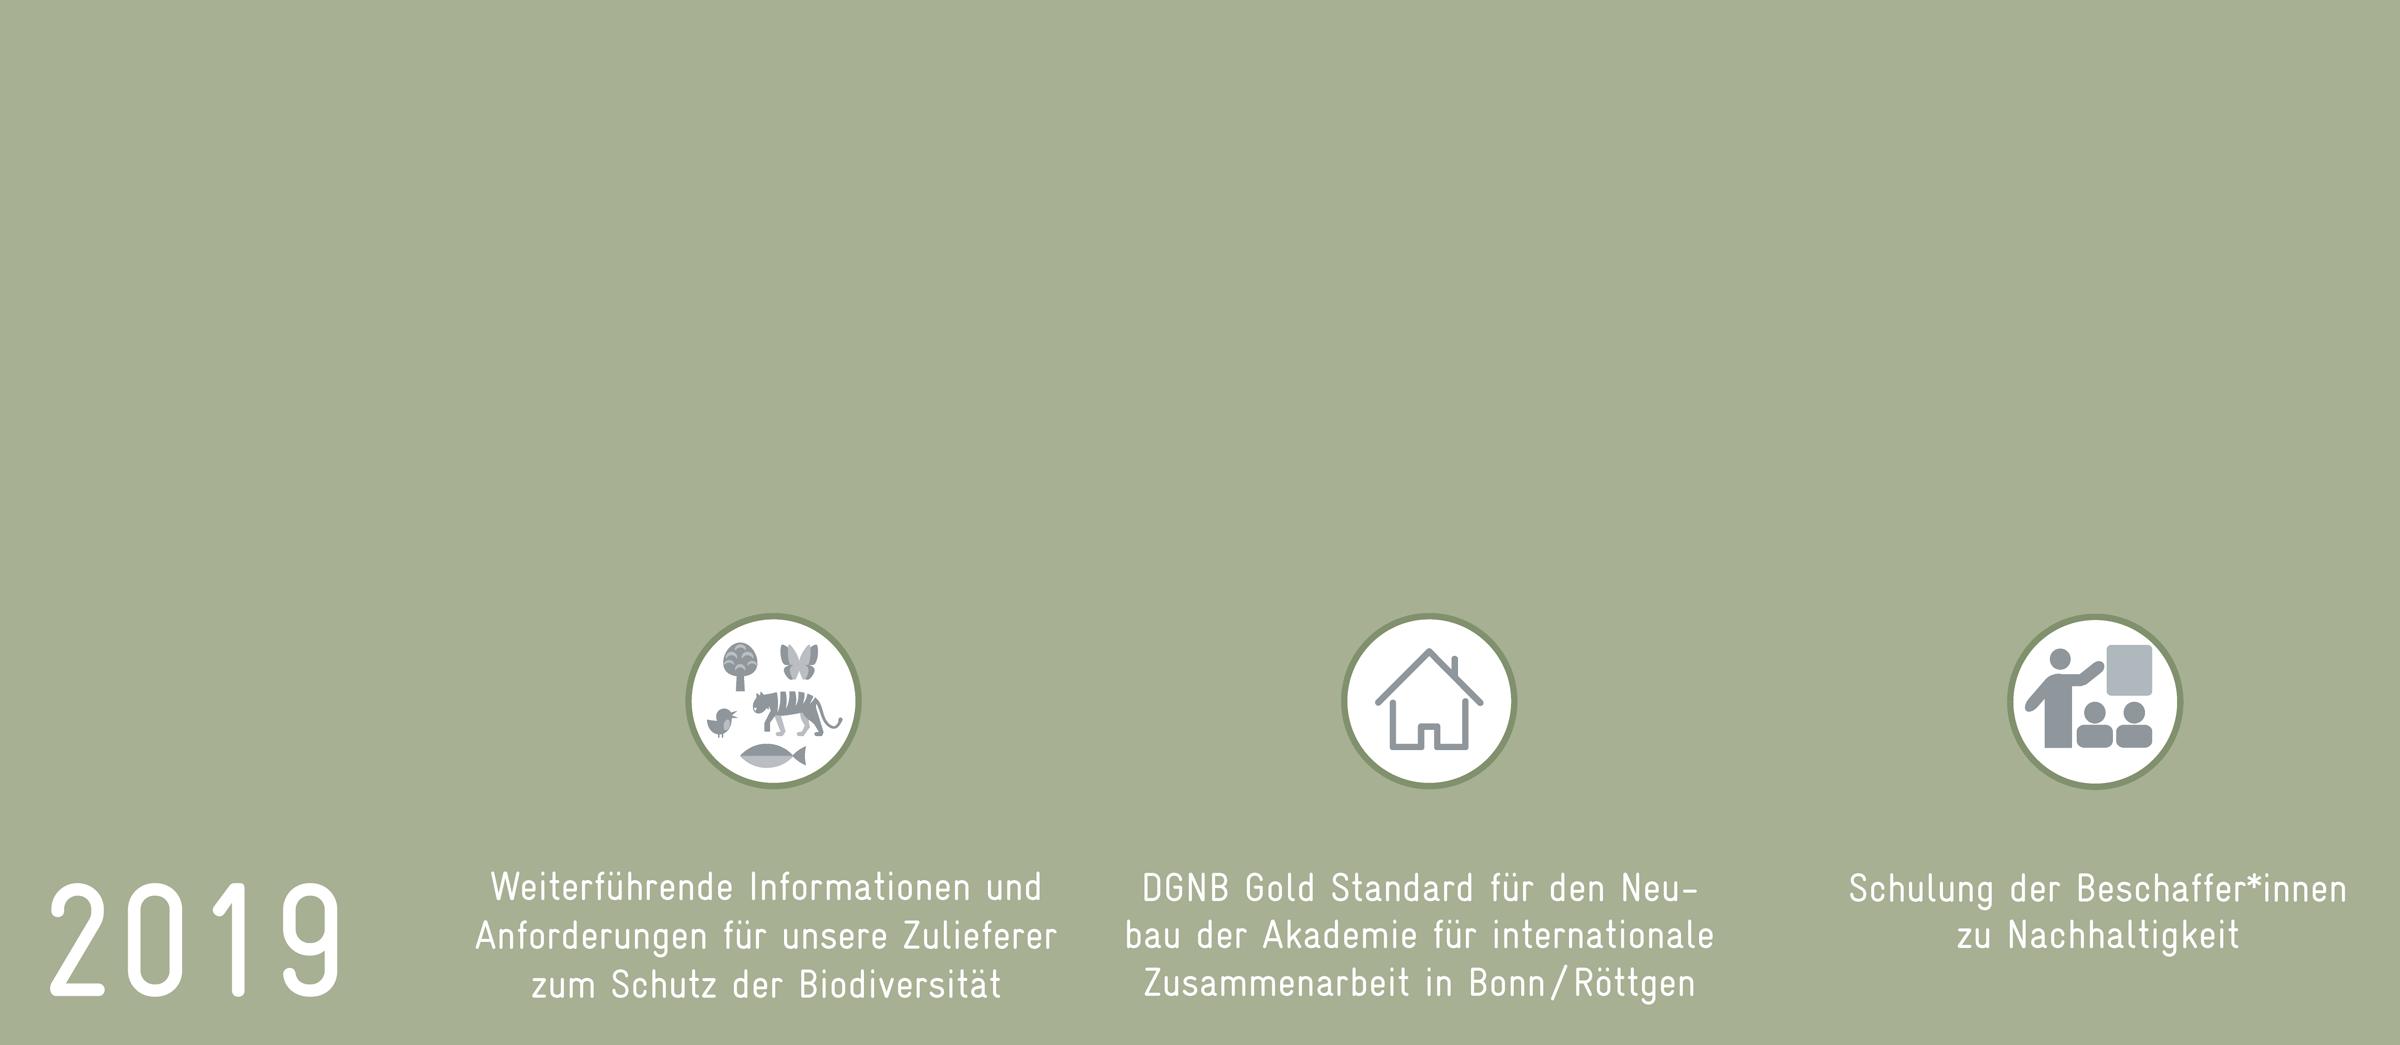 2019: Schutz Biodiversität für Zulieferer, DGNB Gold Standard für Neubau AIZ, Schulung Nachhaltigkeit für Beschaffer*innen